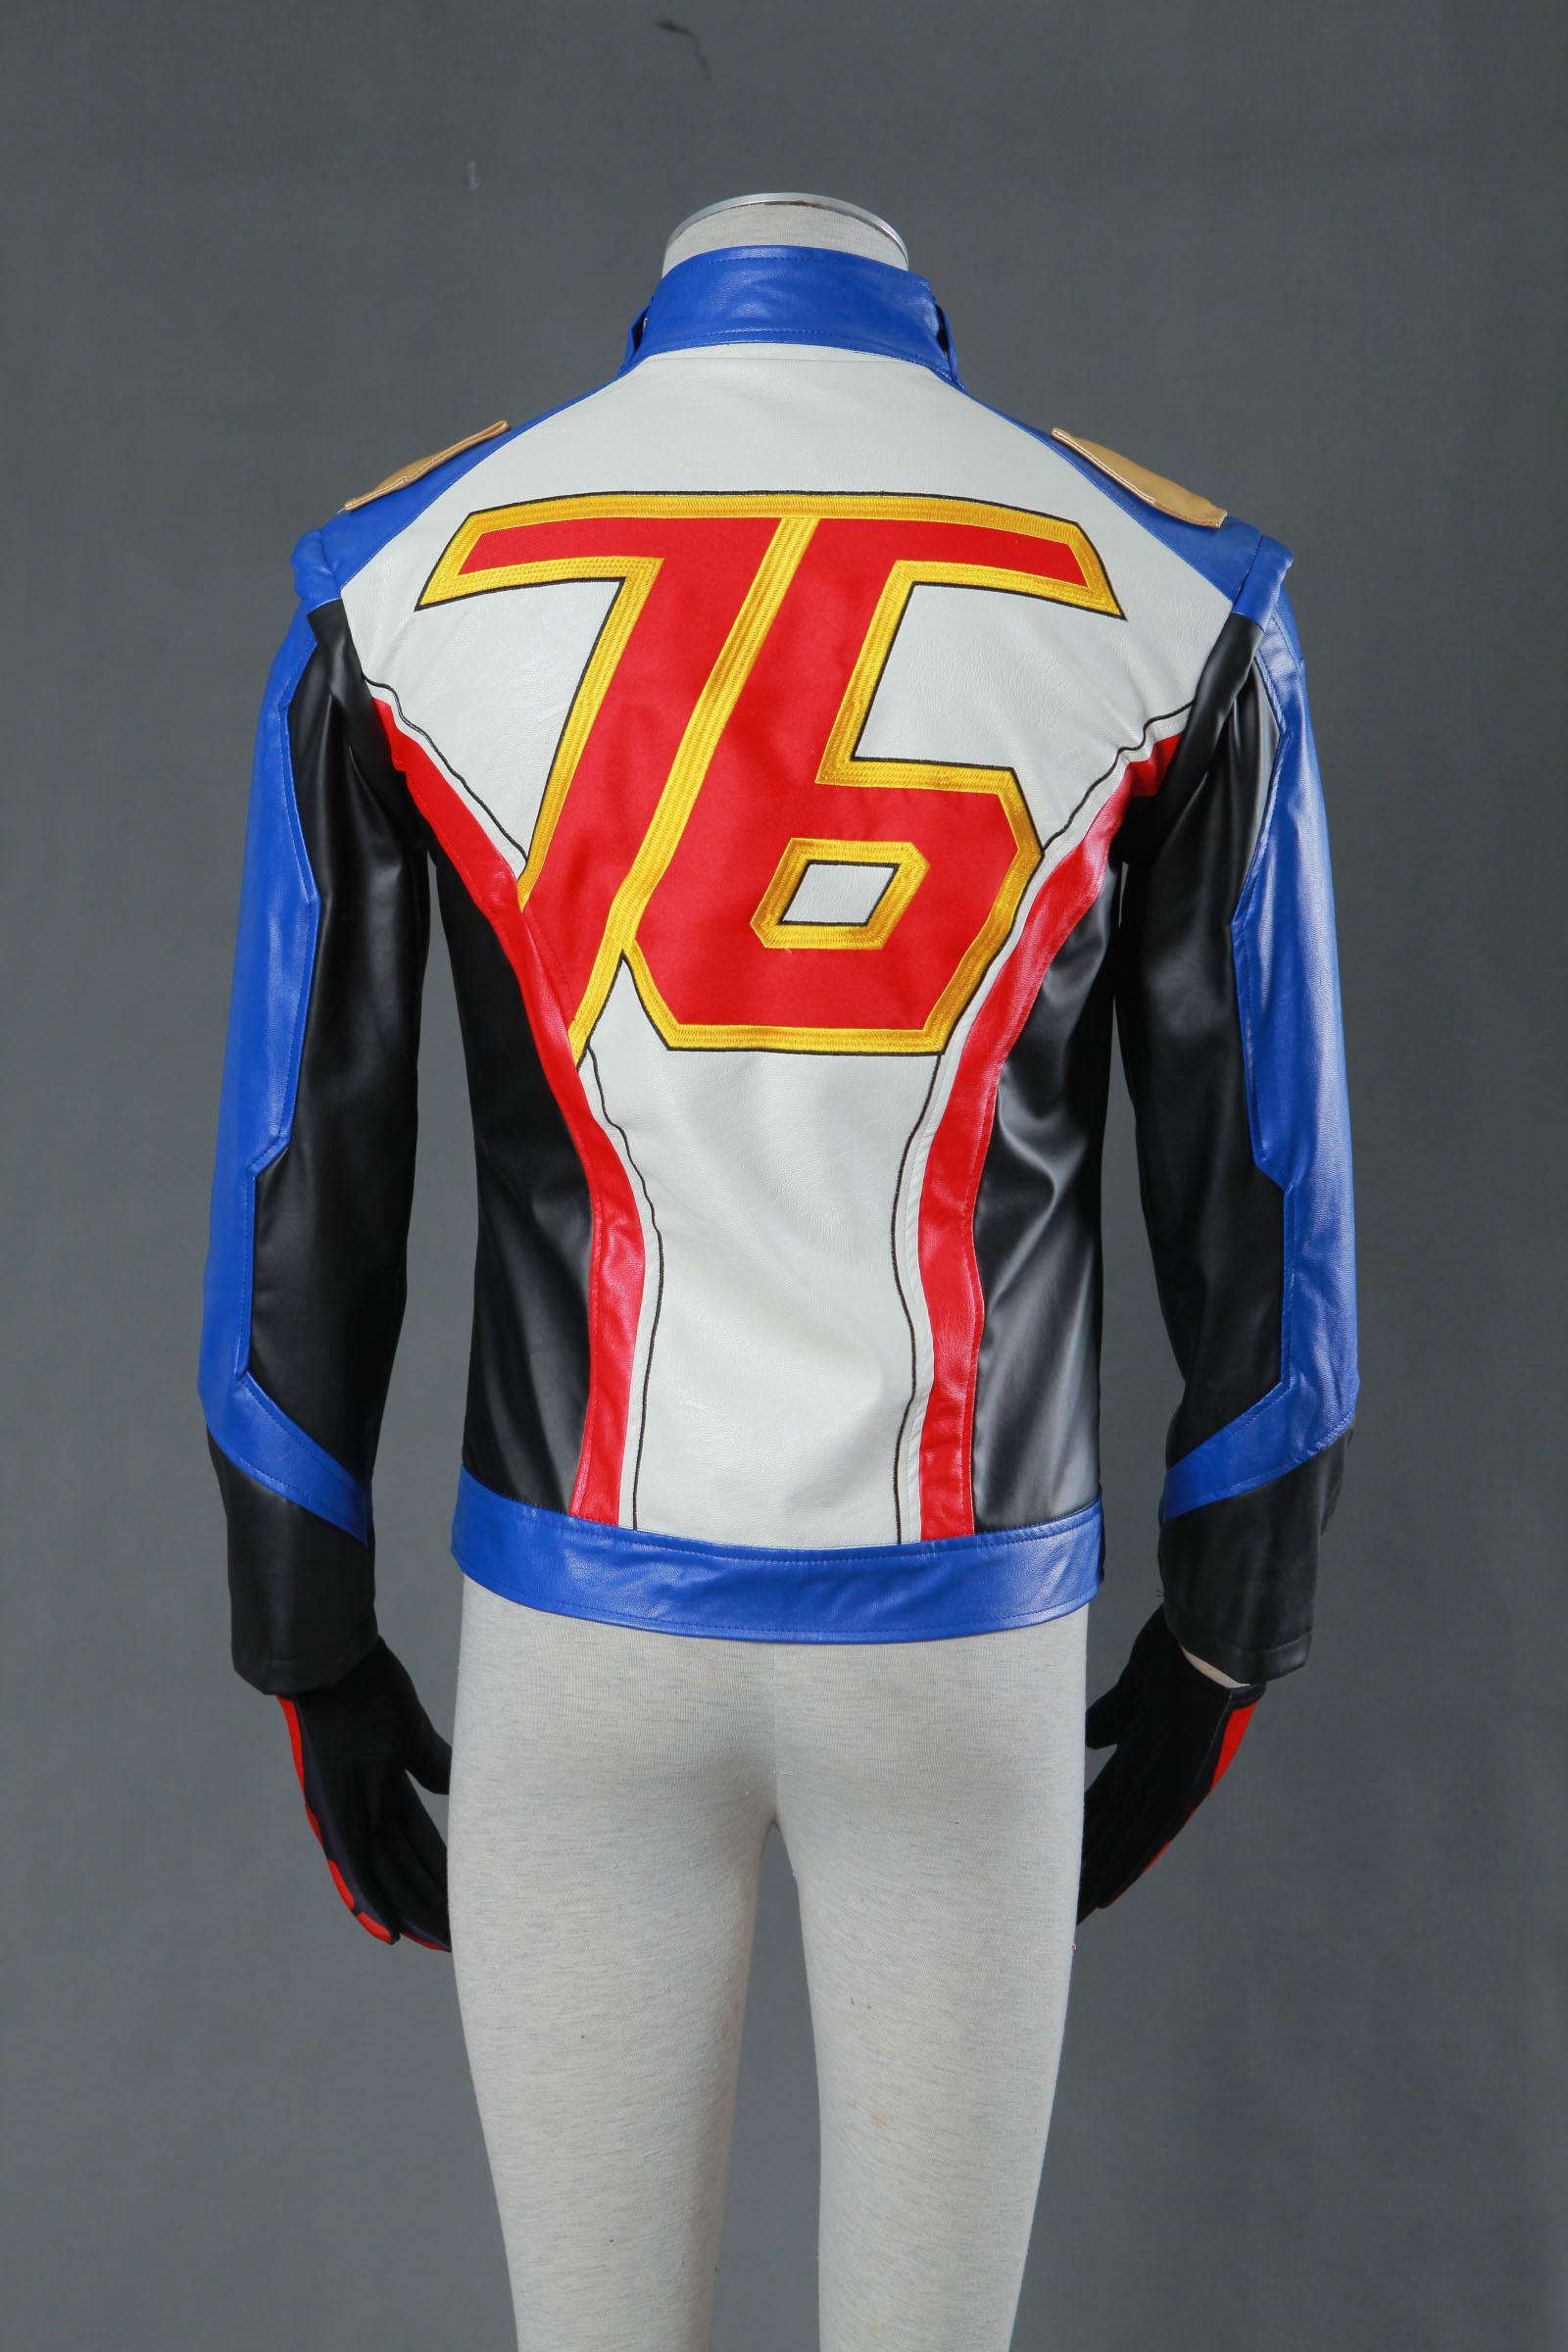 Overwatch OW Soldier 76 Halloween Cosplay Costume Soldier 76 Cosplay Uniform Jacket Halloween 3